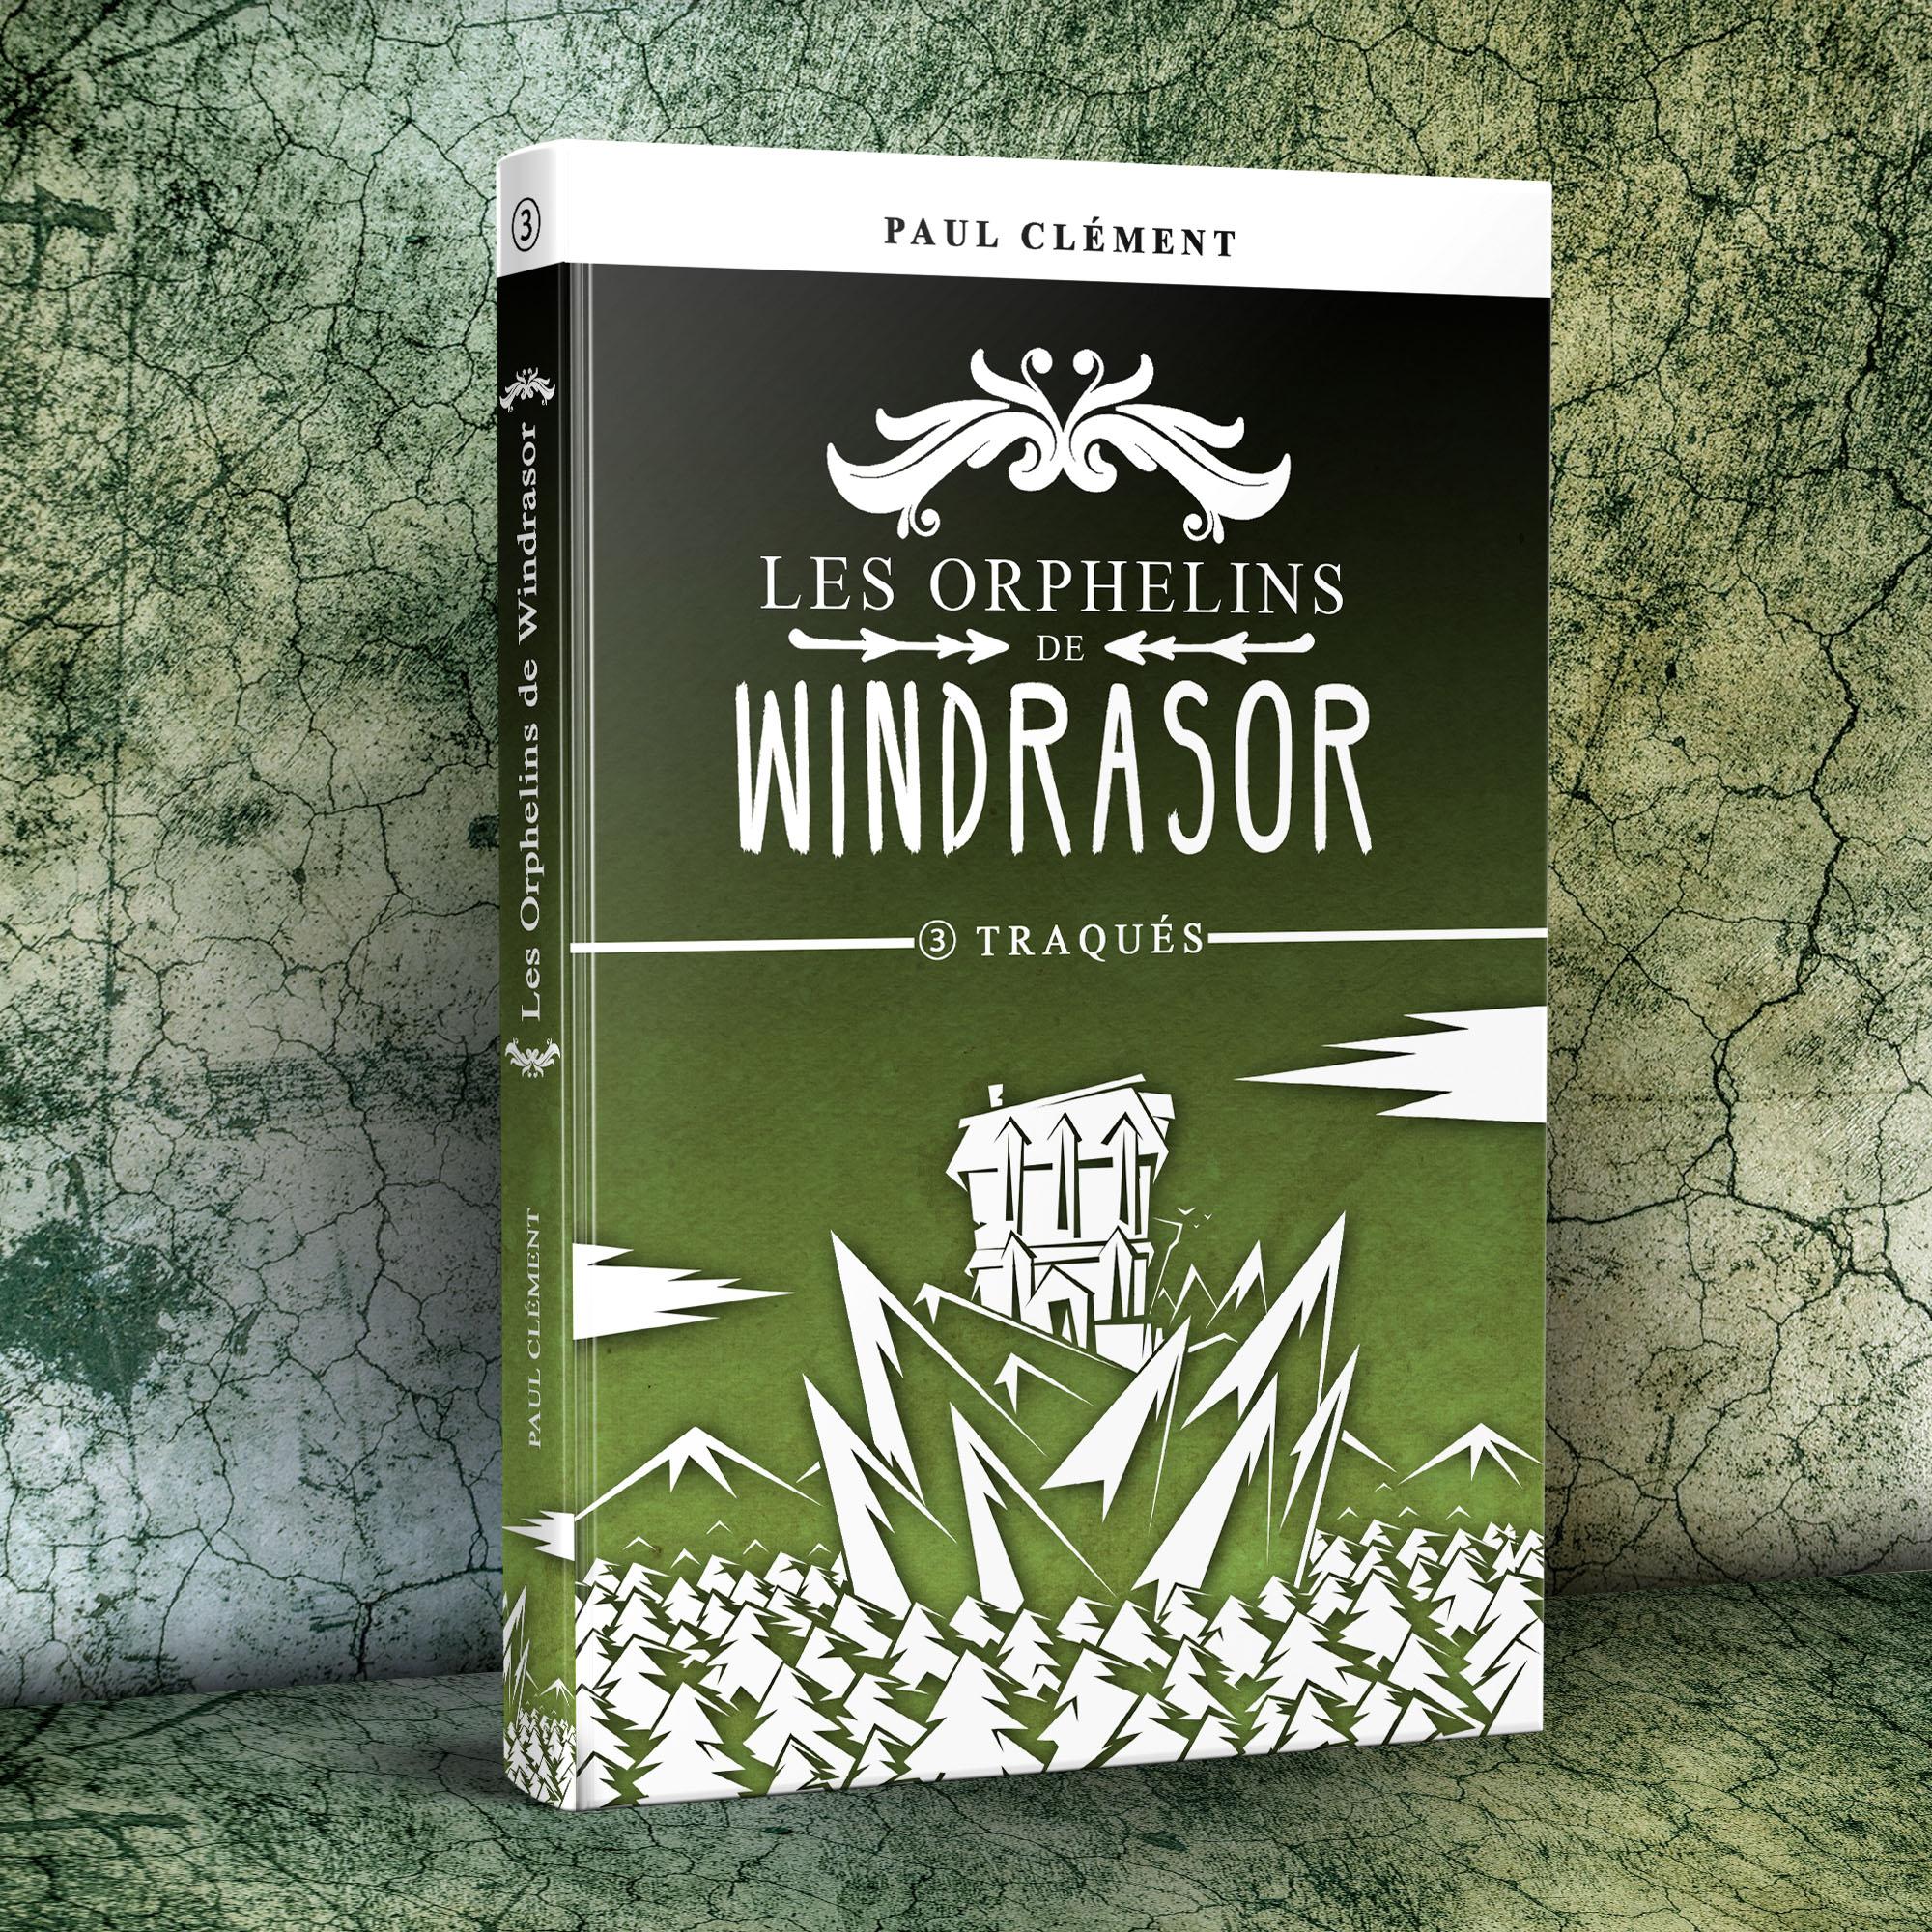 Les Orphelins de Windrasor Episode 3 : Traqués